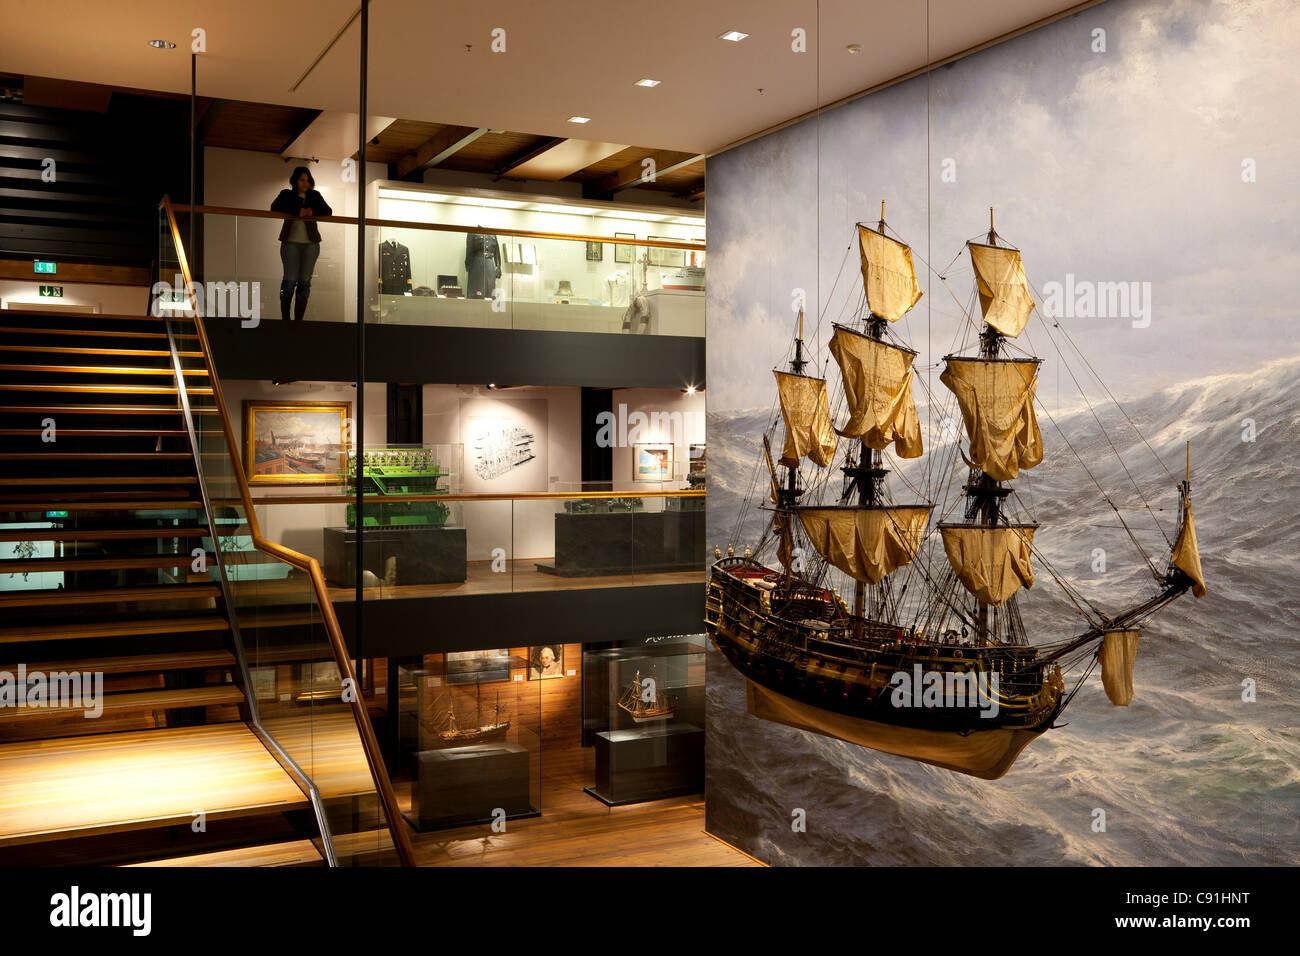 Internationales Maritimes Museum Hamburg, Hanseatic city of Hamburg, Germany, Europe - Stock Image